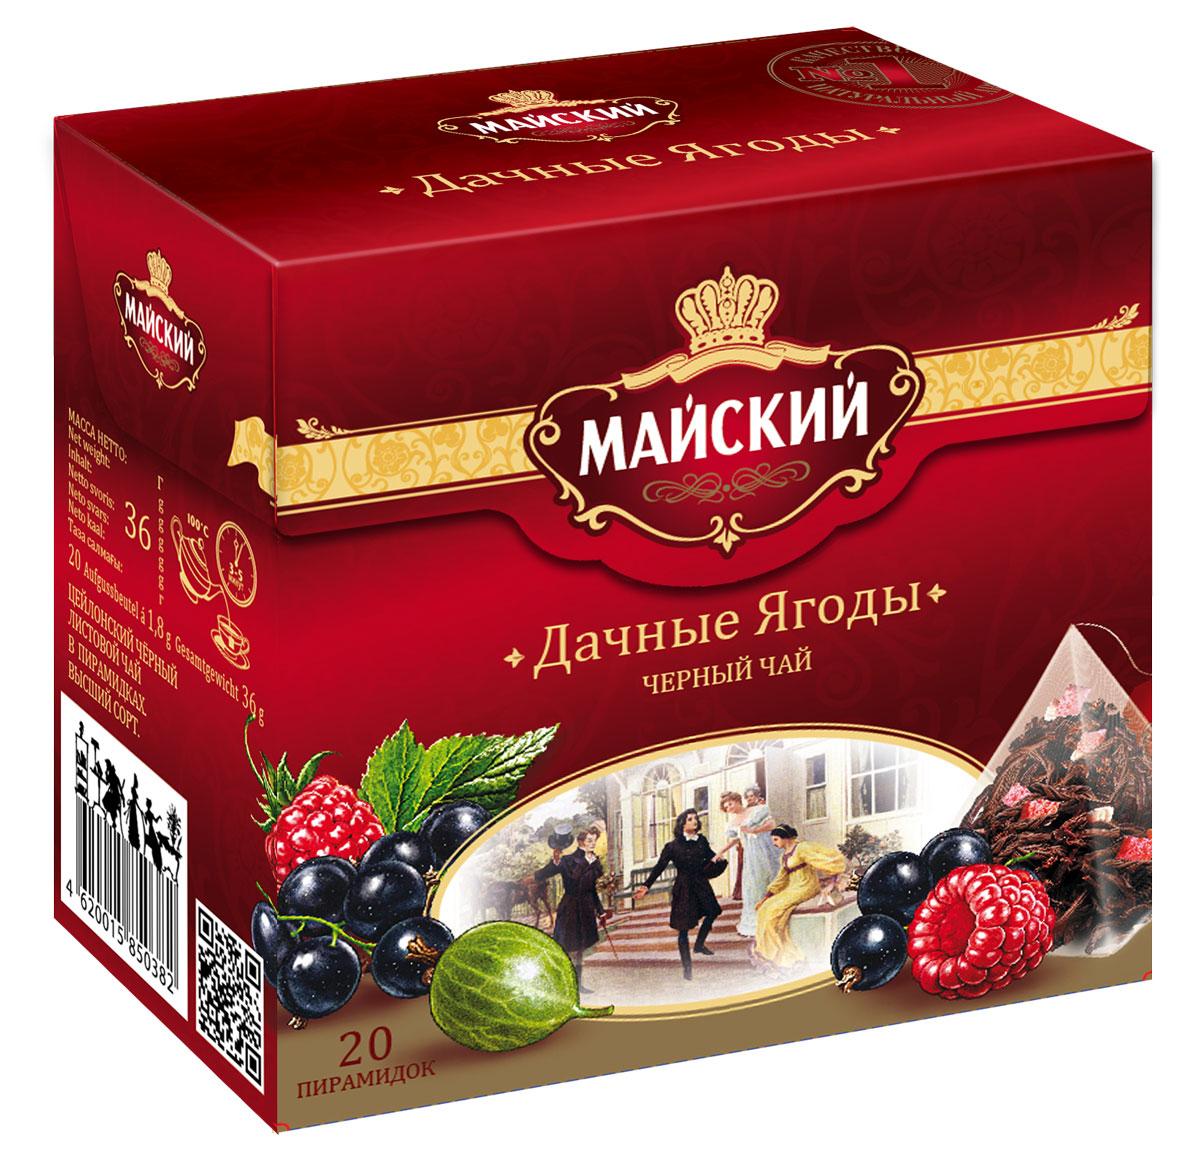 Майский Дачные ягоды черный чай в пирамидках, 20 шт майский лесные ягоды черный чай в пирамидках 20 шт